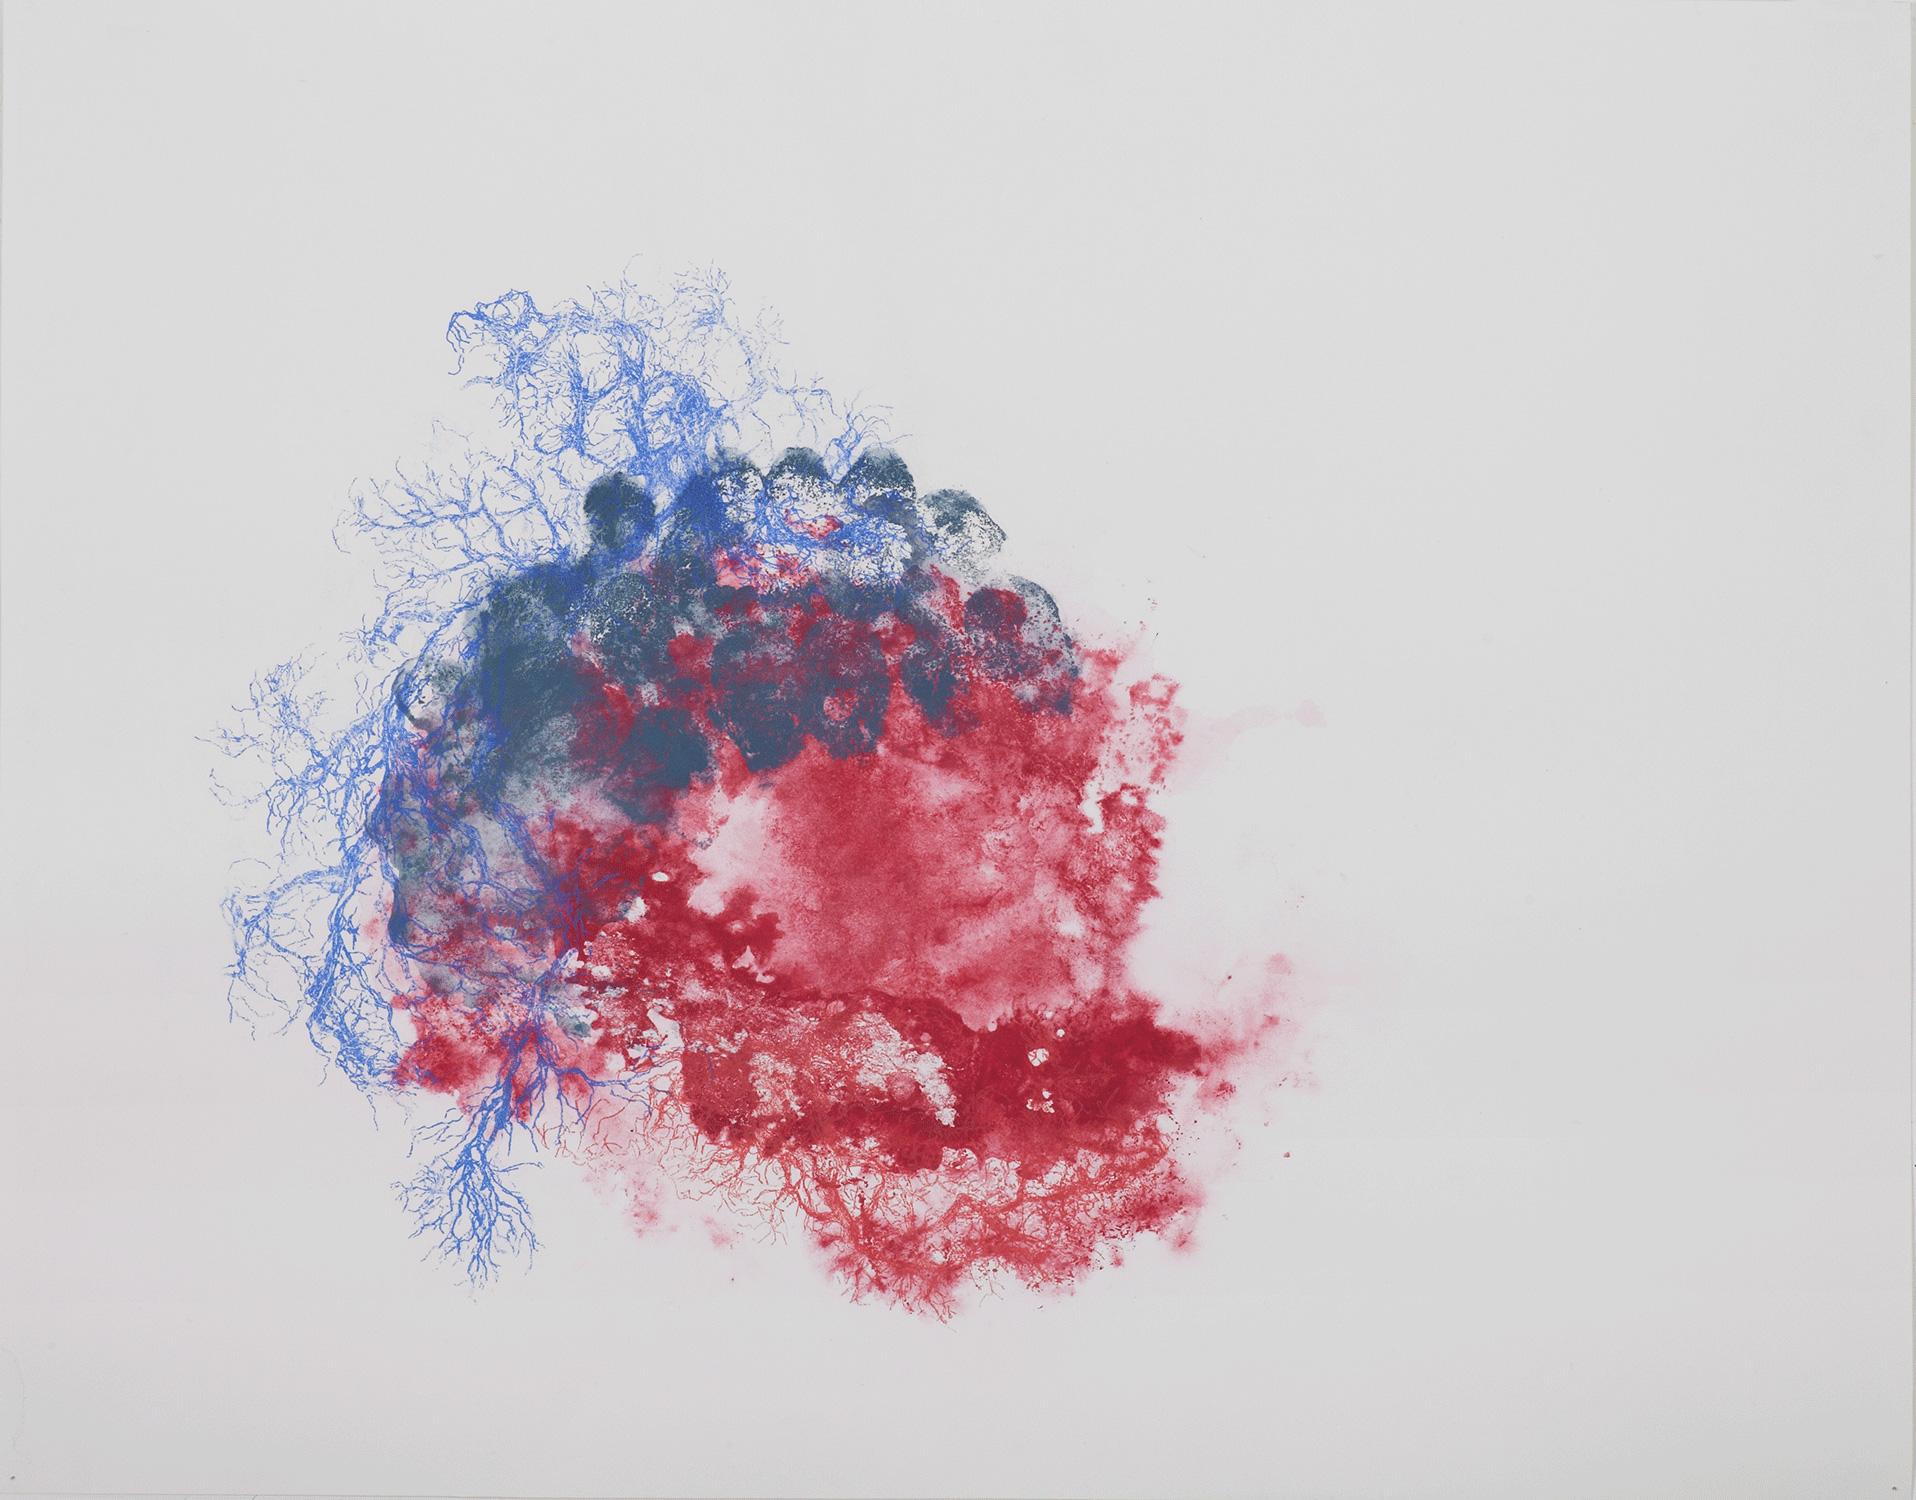 <i>Vanité</i>, 2013, encre et crayon, 60x80cm